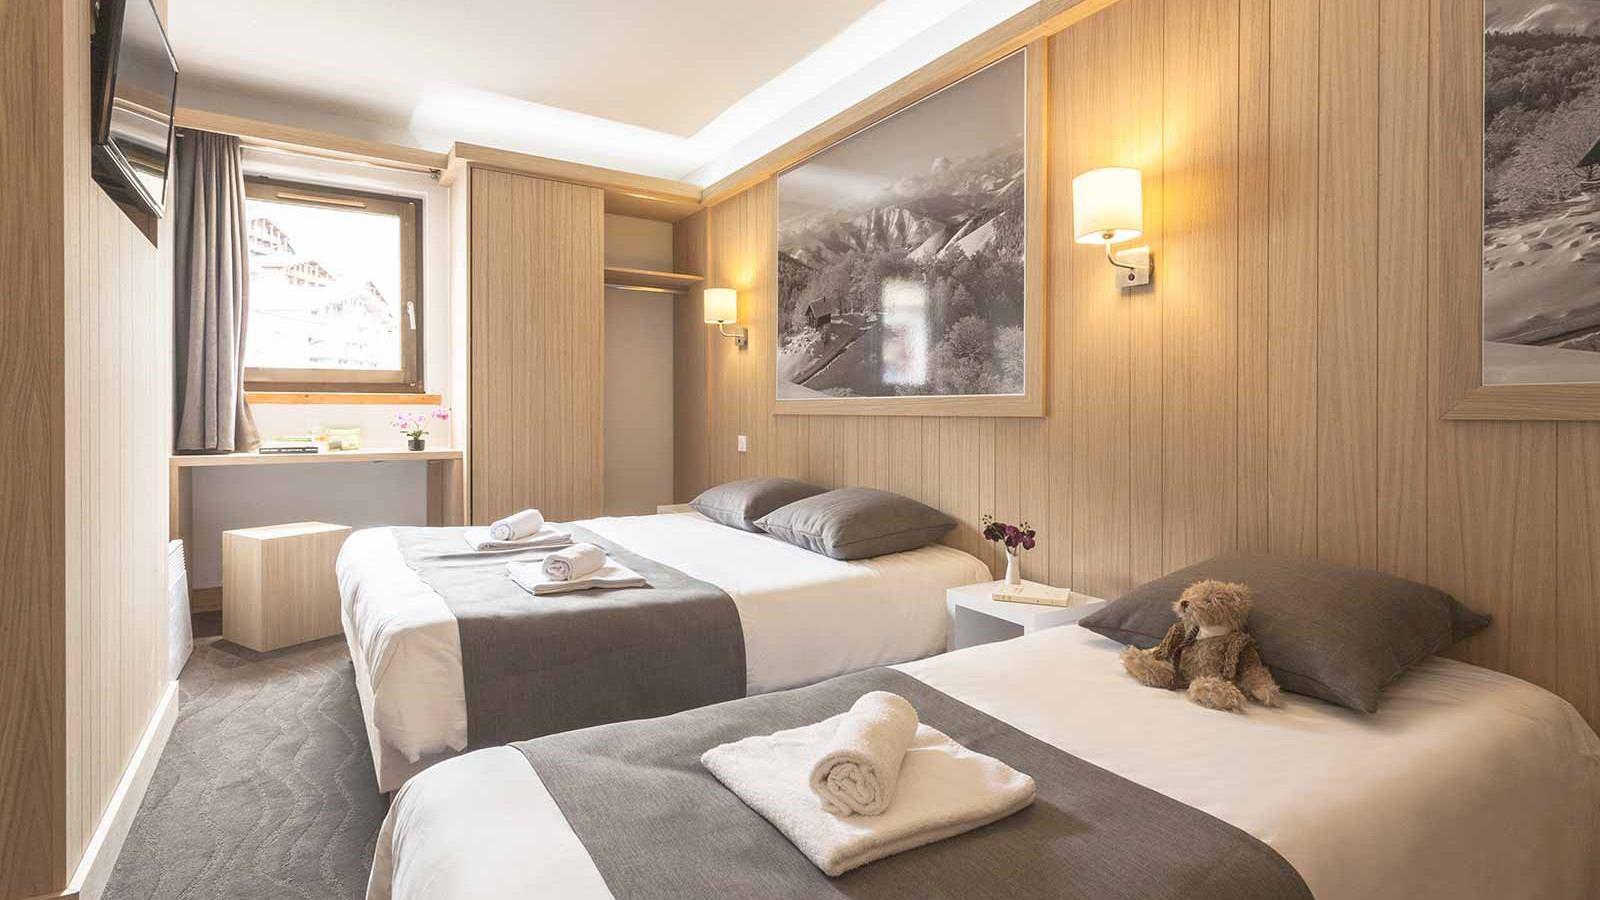 Hotel Club Les Arolles, ValThorens - Rooms